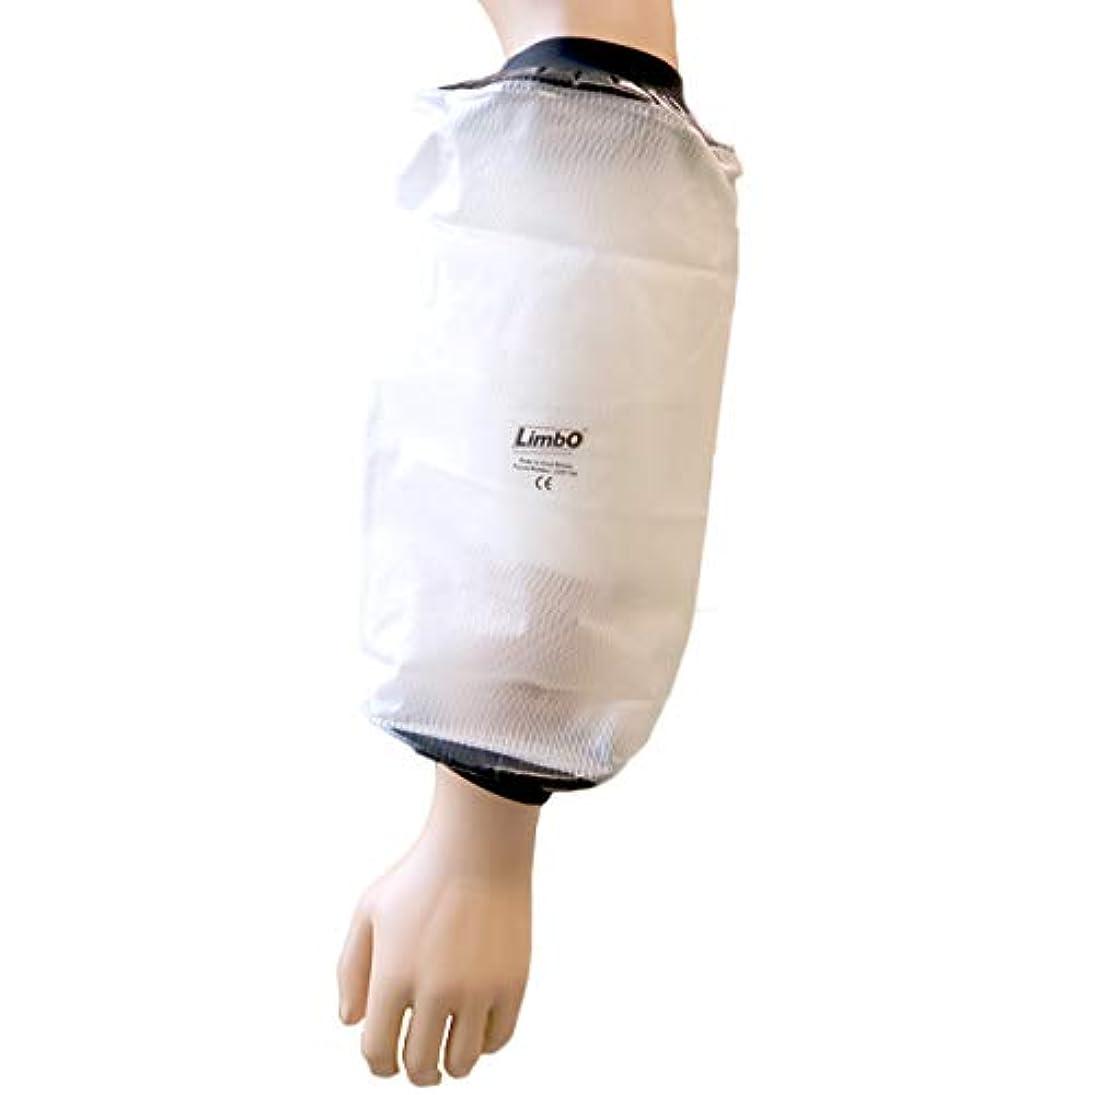 大事にする暗い報いるGifferly ギブスカバー 防水シャワーカバー 風呂 入浴 骨折 腕 患部防水グッズ 繰り返し使える 包帯やギブスのままシャワーOK 大人の腕ロング